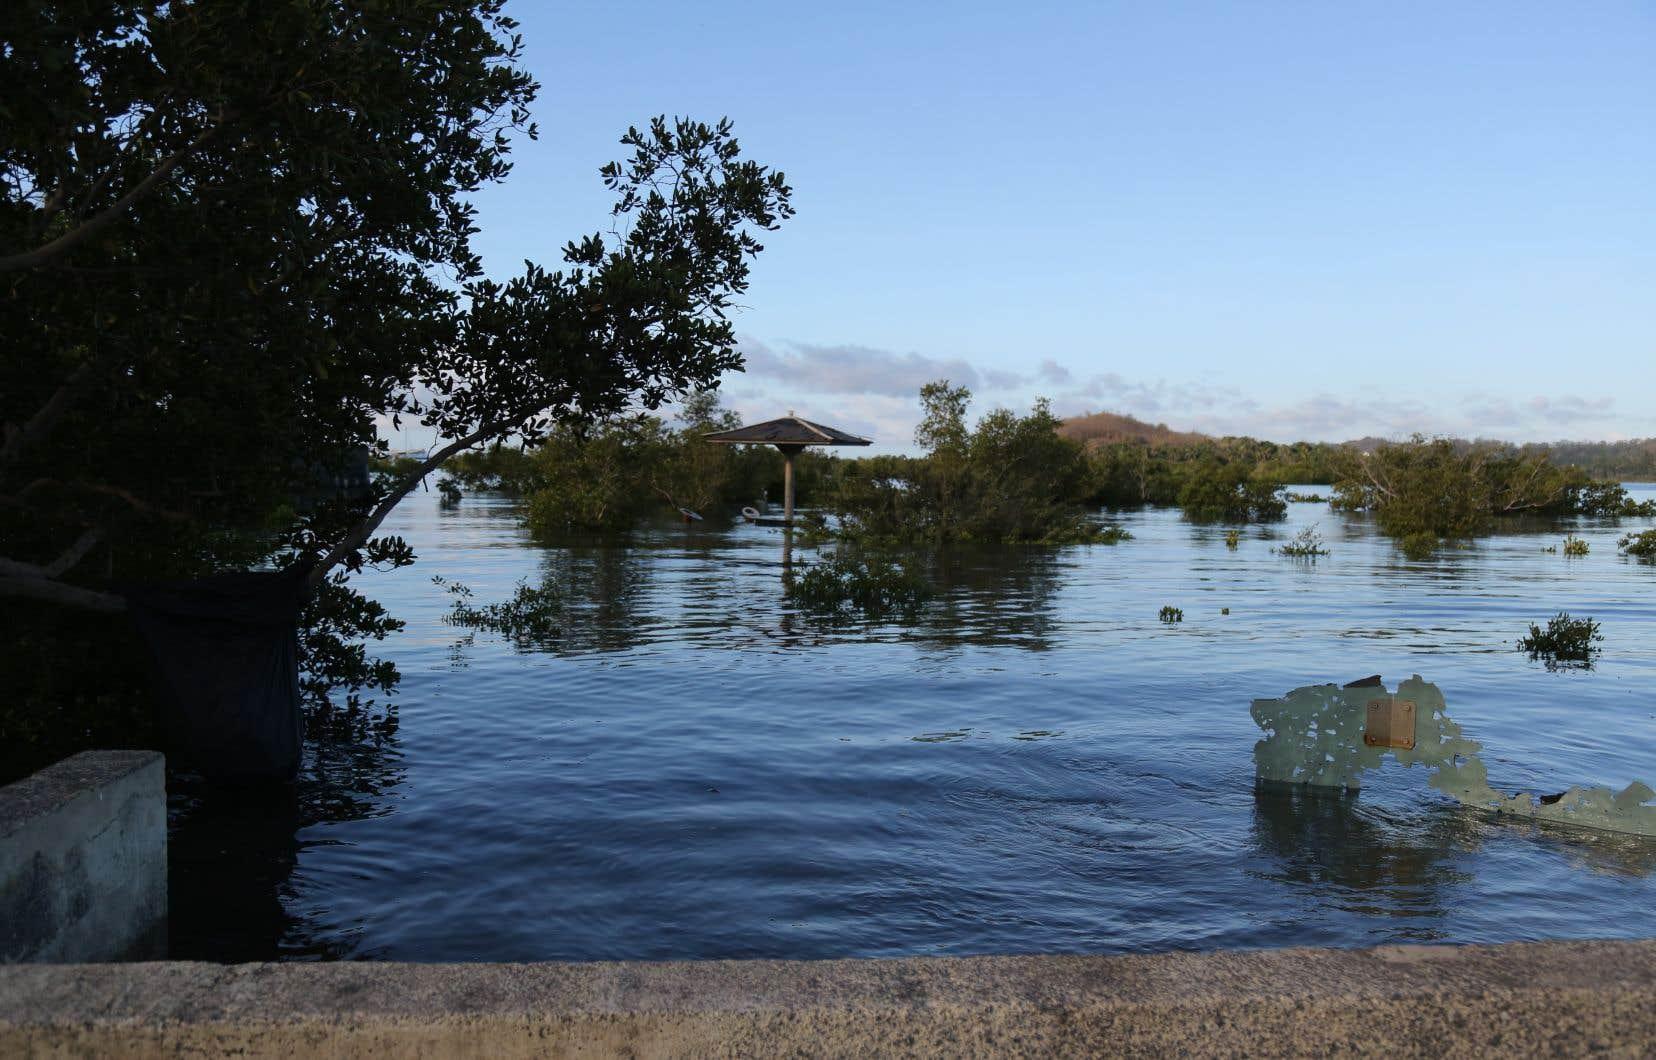 L'affaissement de l'île pourrait provoquer des infiltrations d'eau et davantage d'inondations. Une situation à laquelle s'ajoute la submersion marine en cours, due «aux changements globaux et au réchauffement climatique»